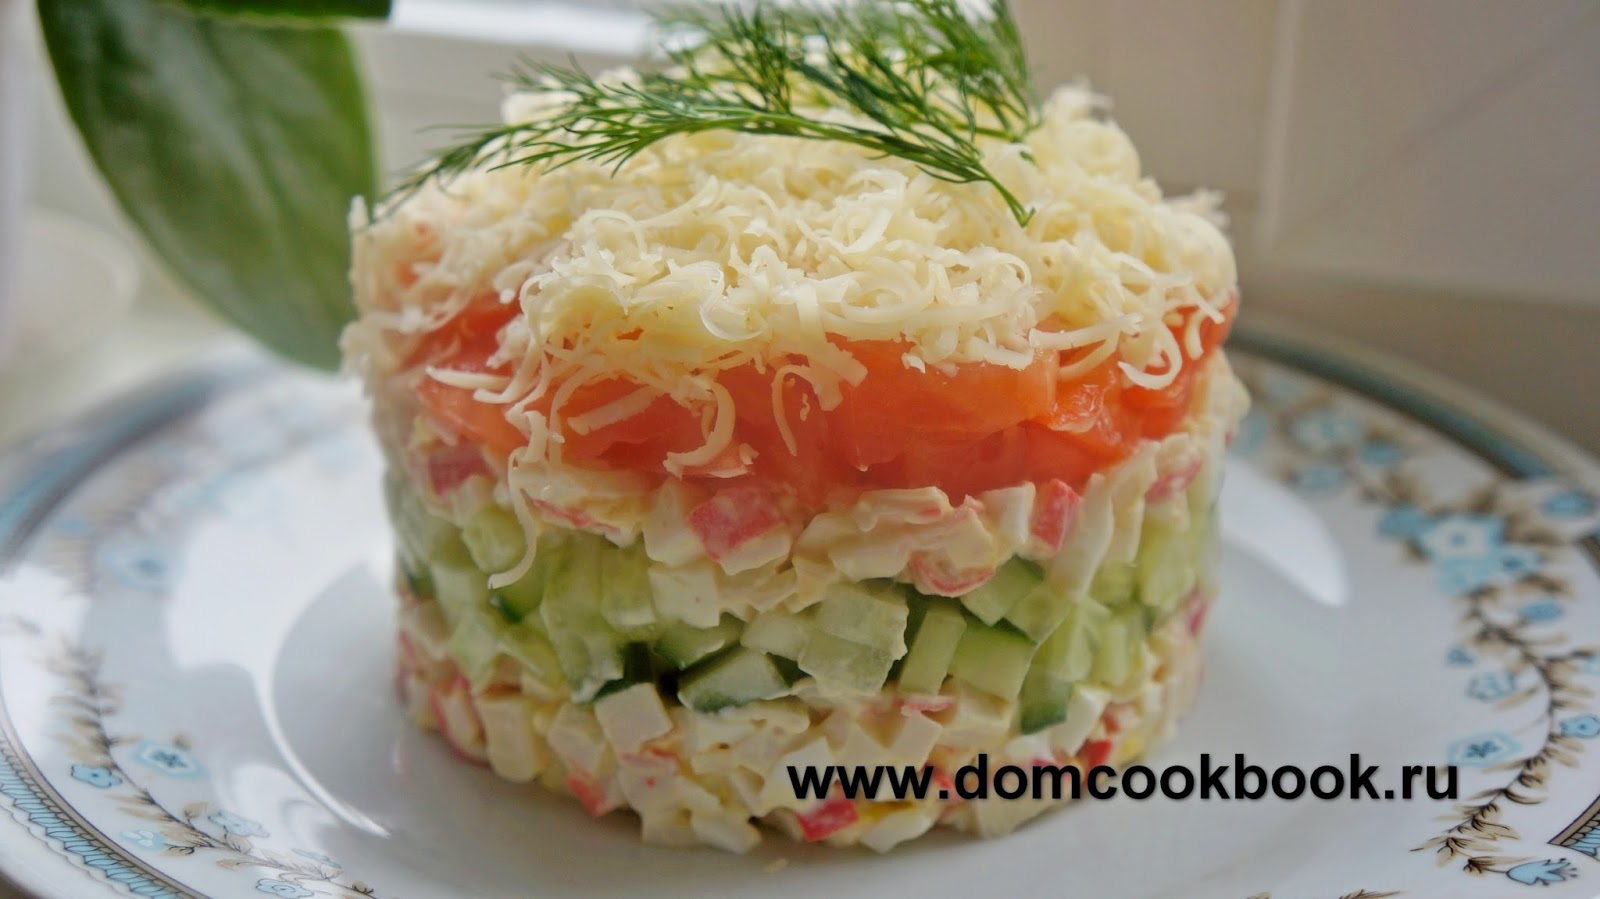 Салат из ветчины слоями пошаговой рецепт с